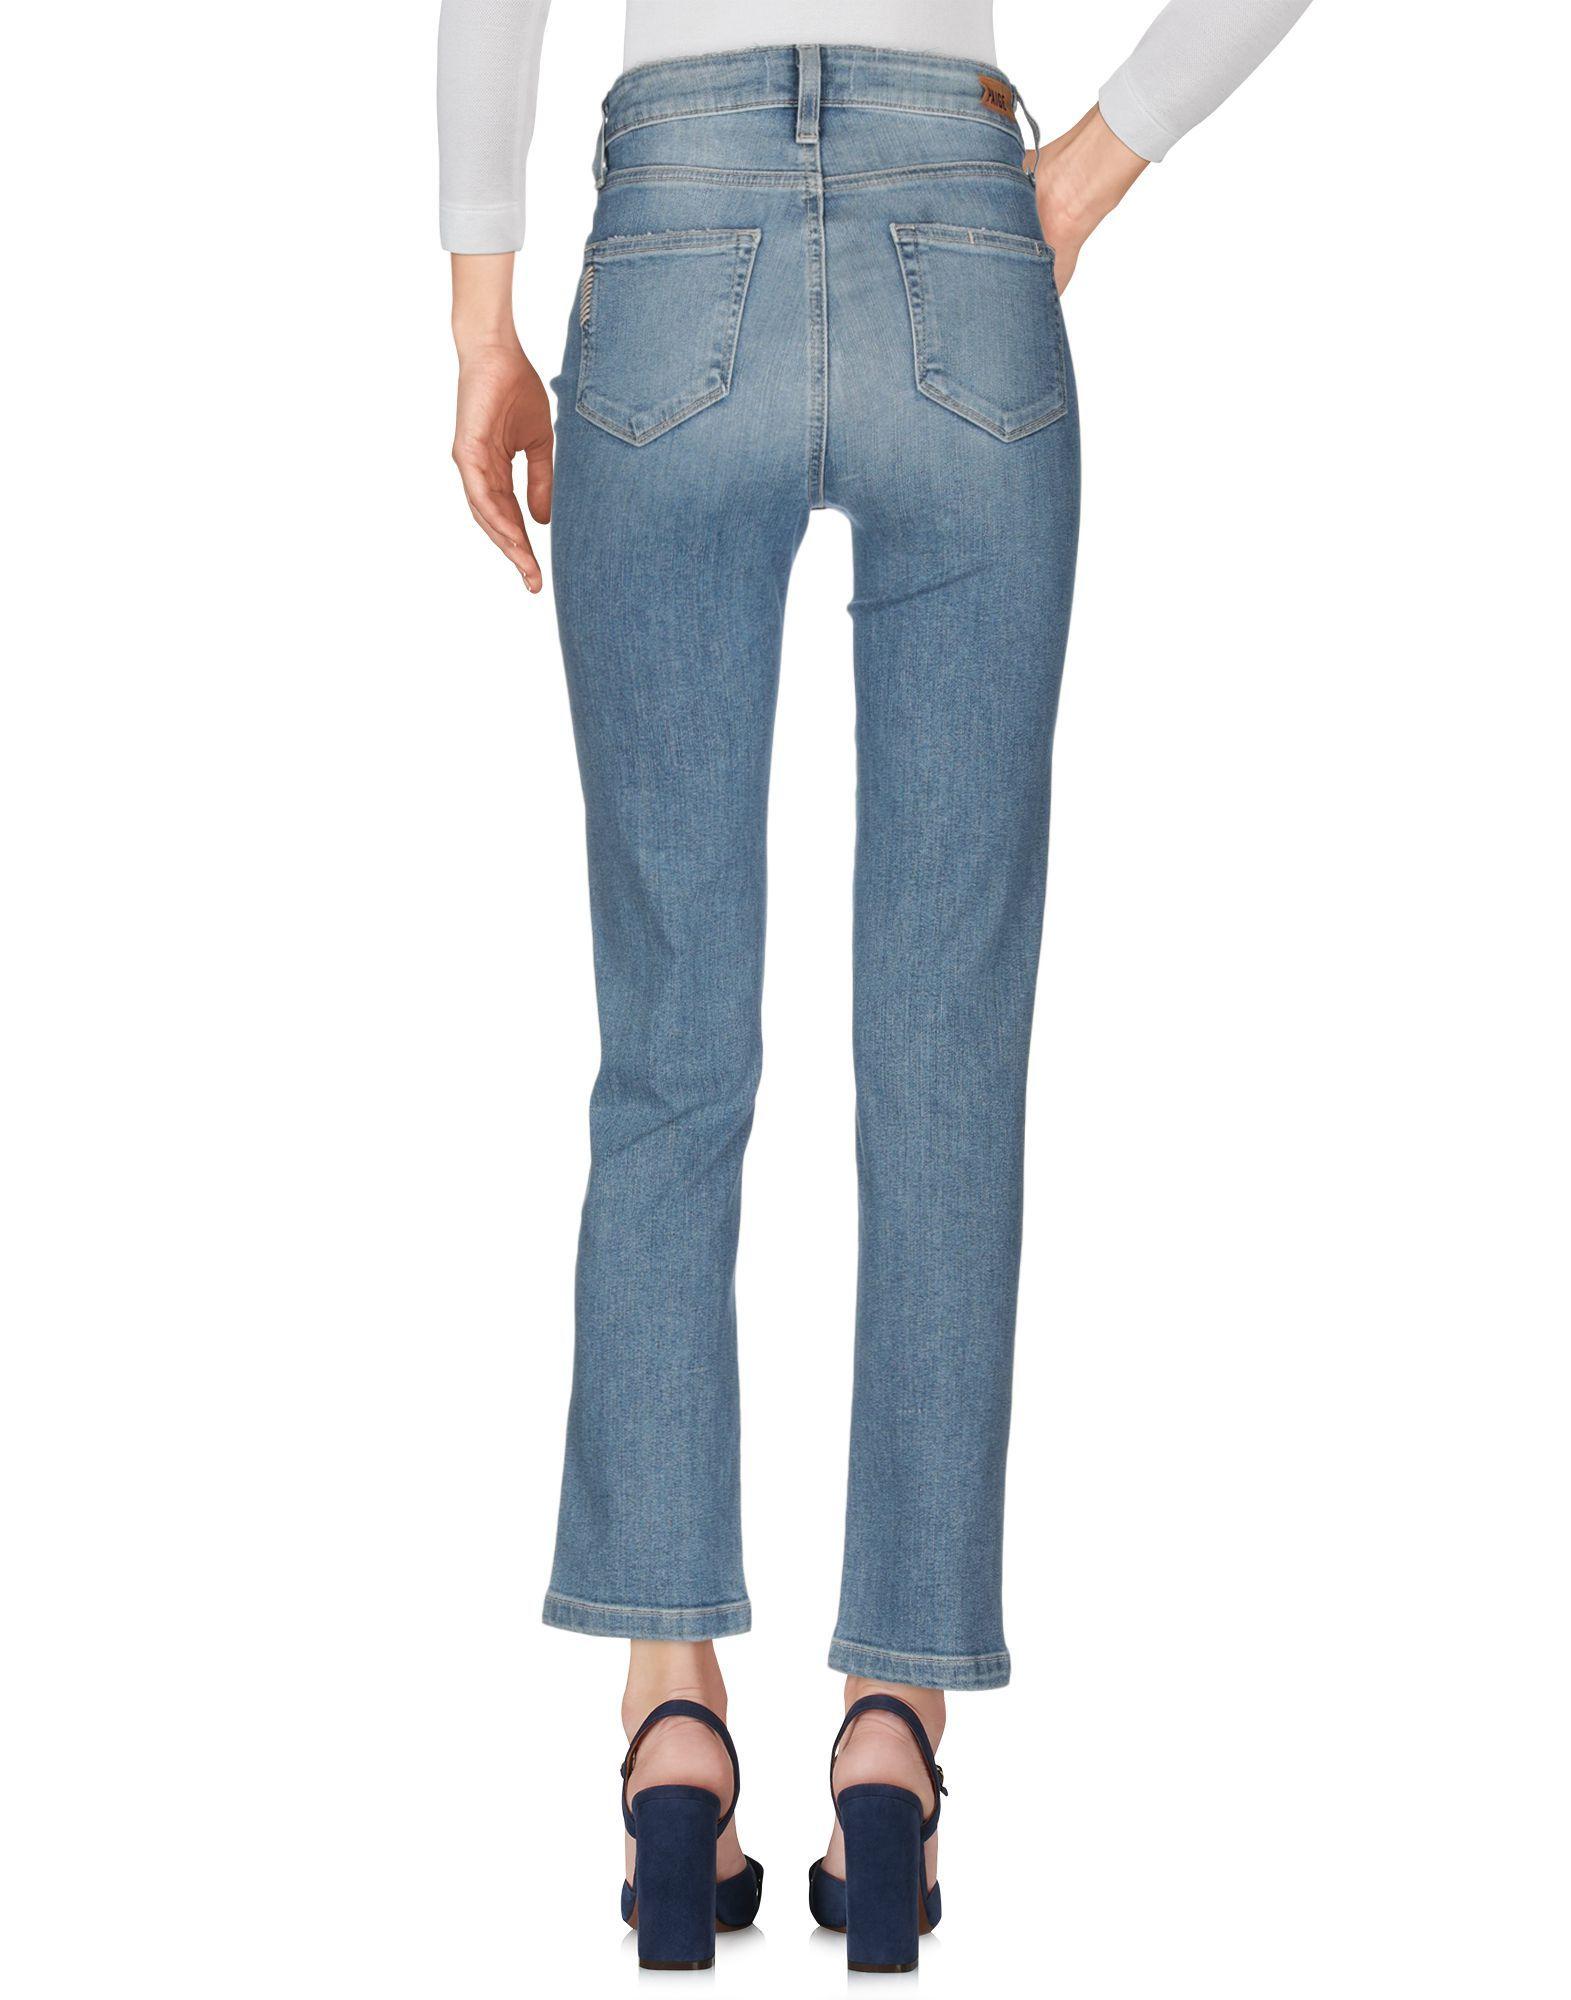 Paige Blue Cotton Light Wash Jeans